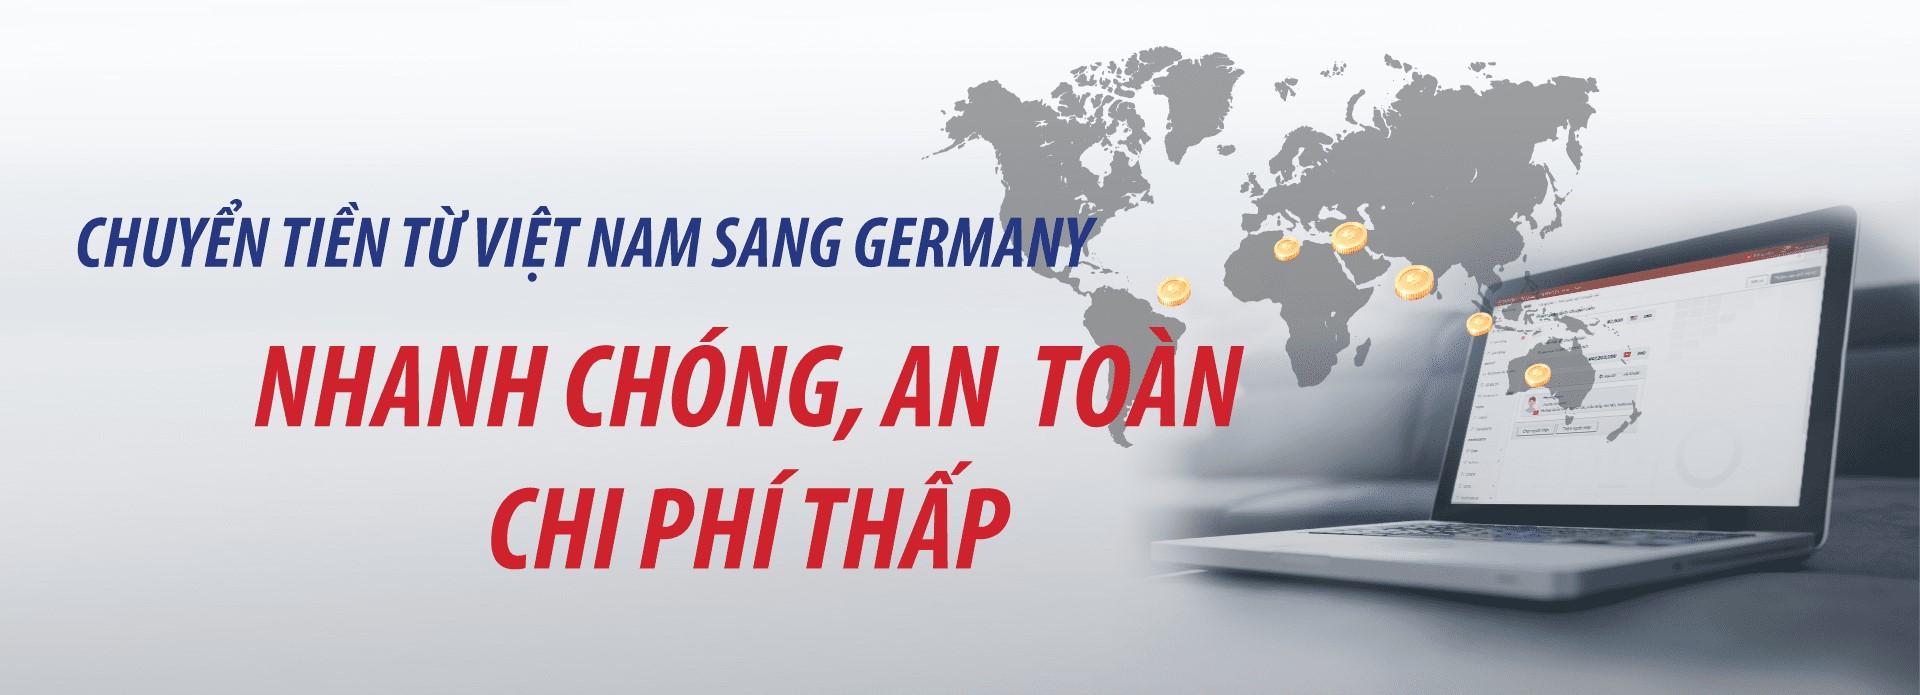 dịch vụ chuyển tiền từ Việt Nam sang Đức